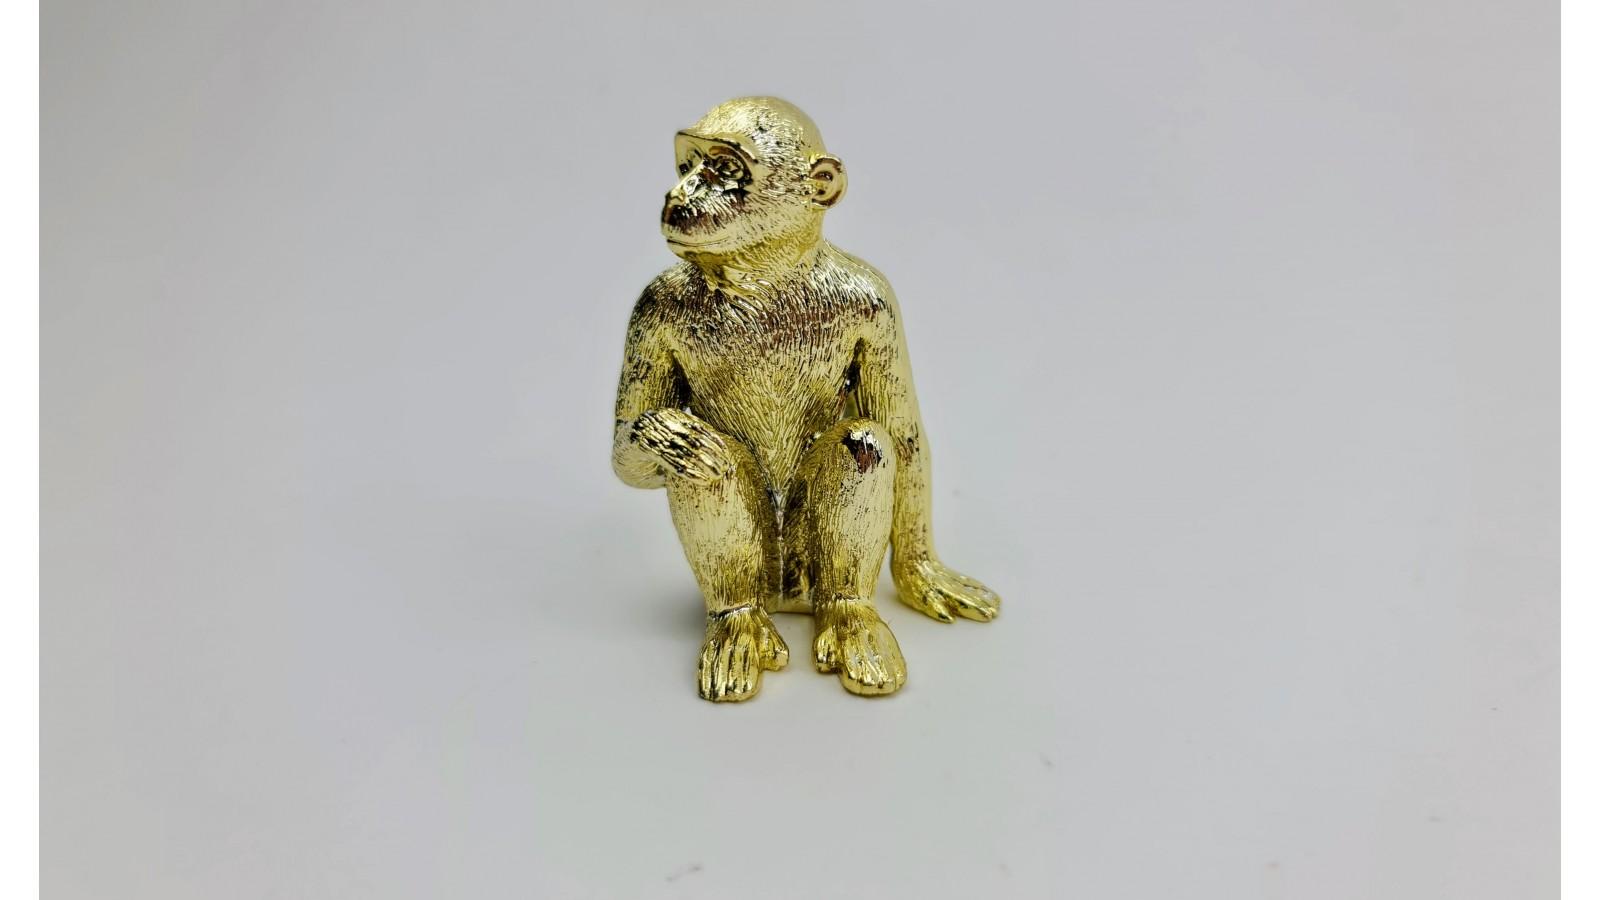 Suvenyras beždžionė